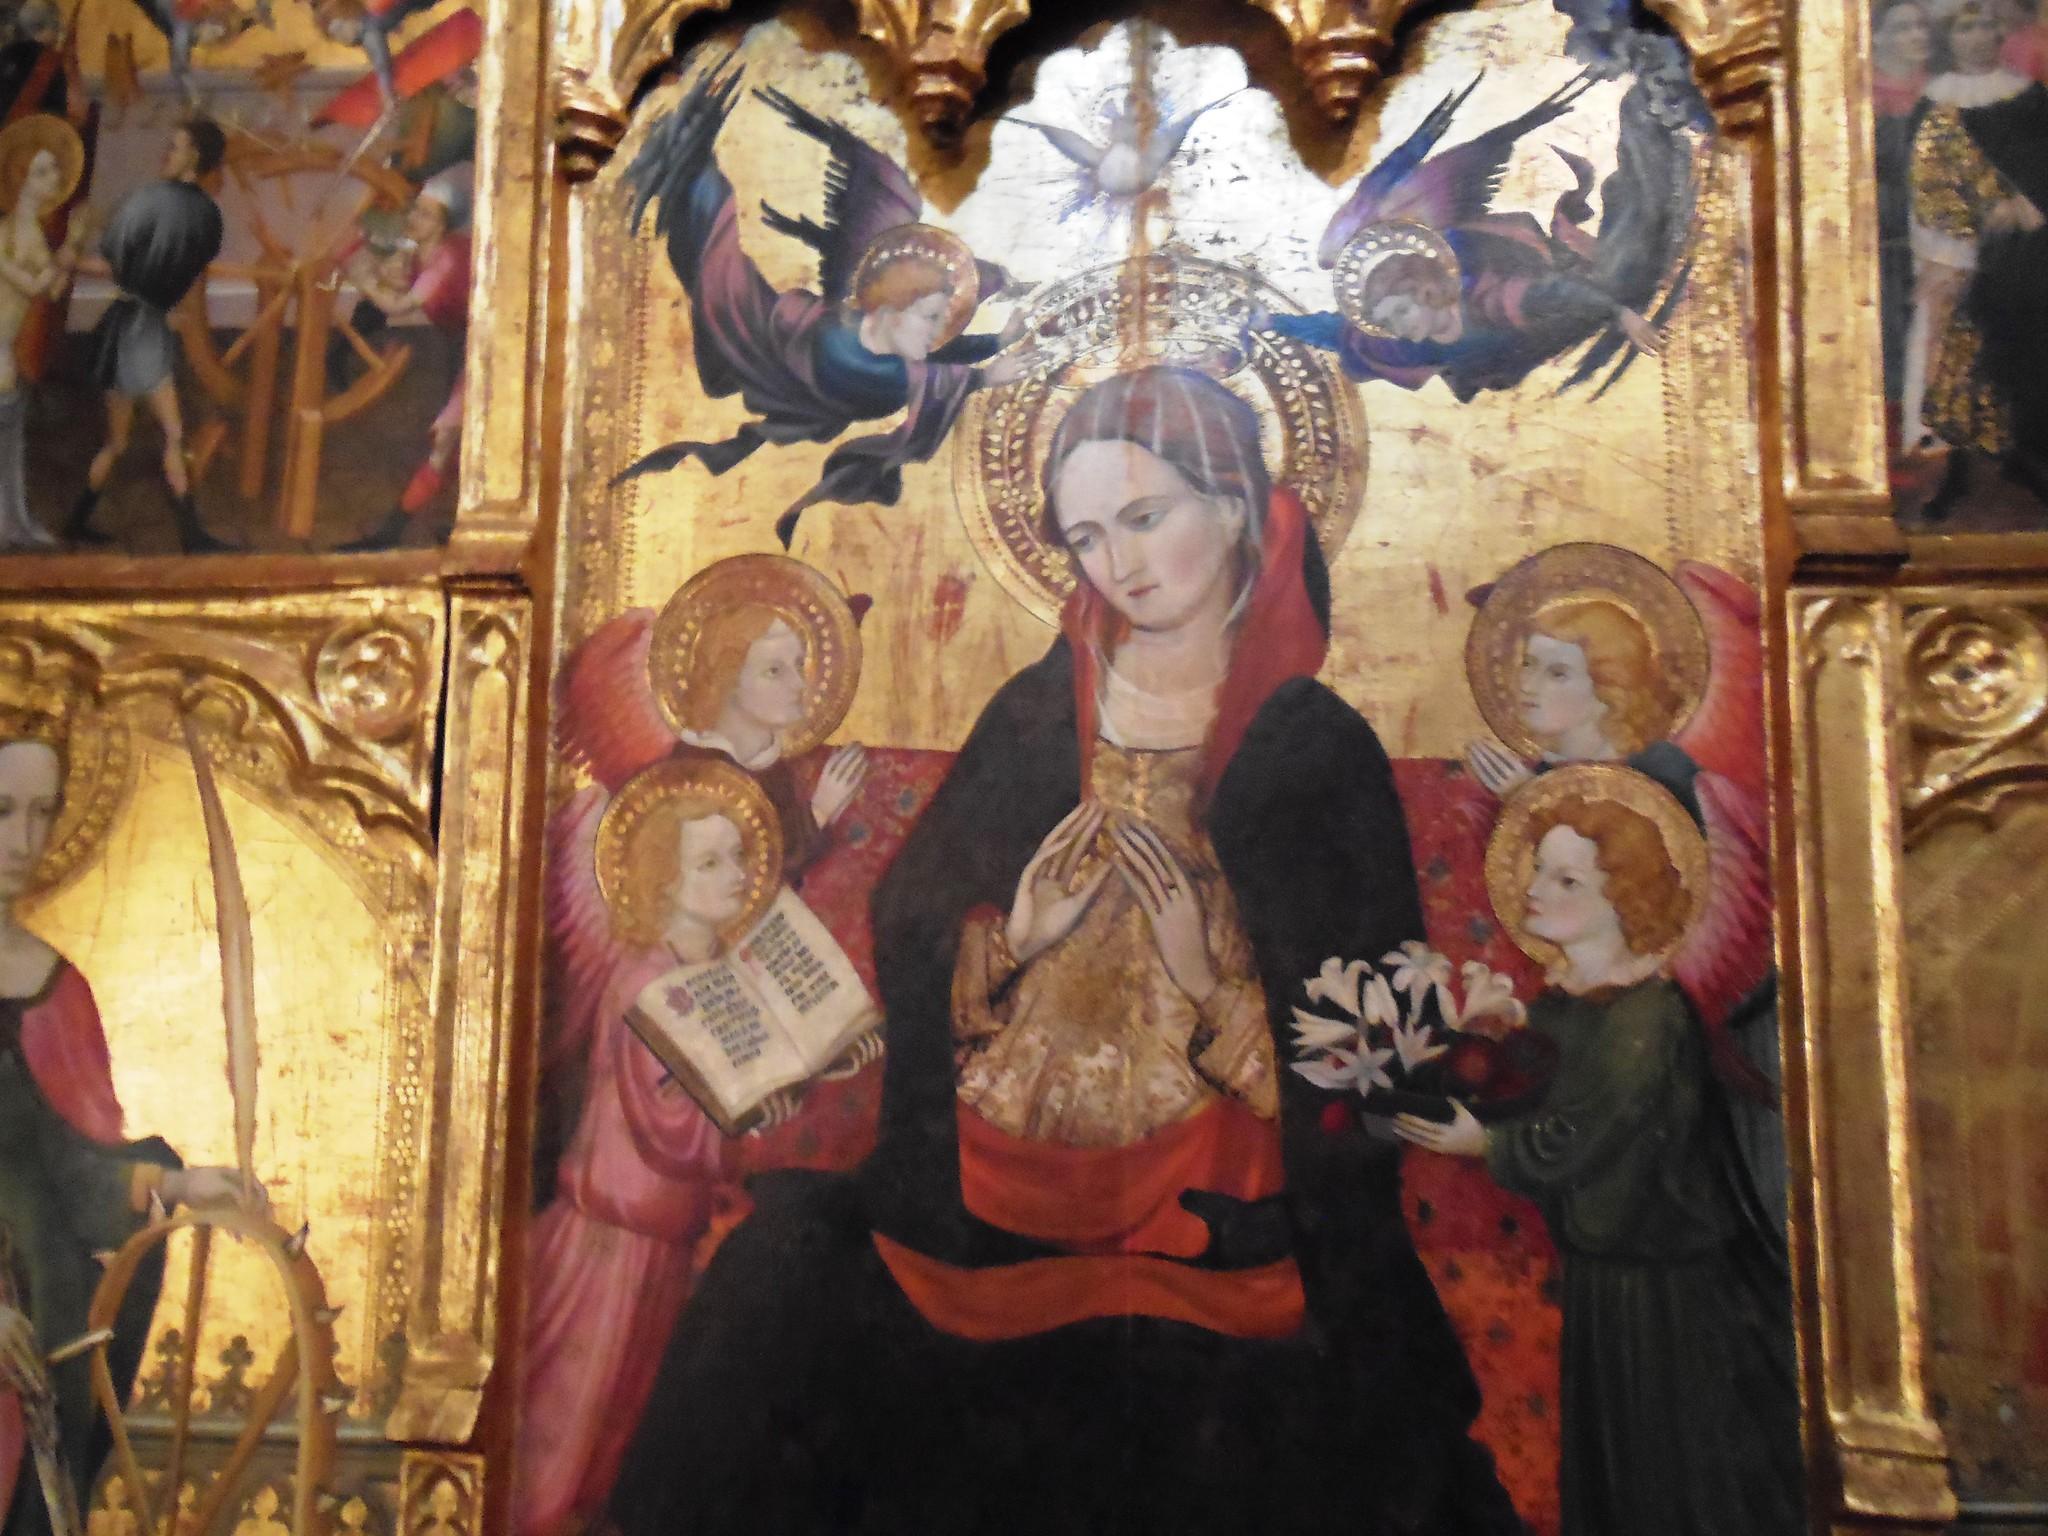 Se or del biombo la pintura g tica valenciana en el siglo xv - Materiales de pintura de pared ...